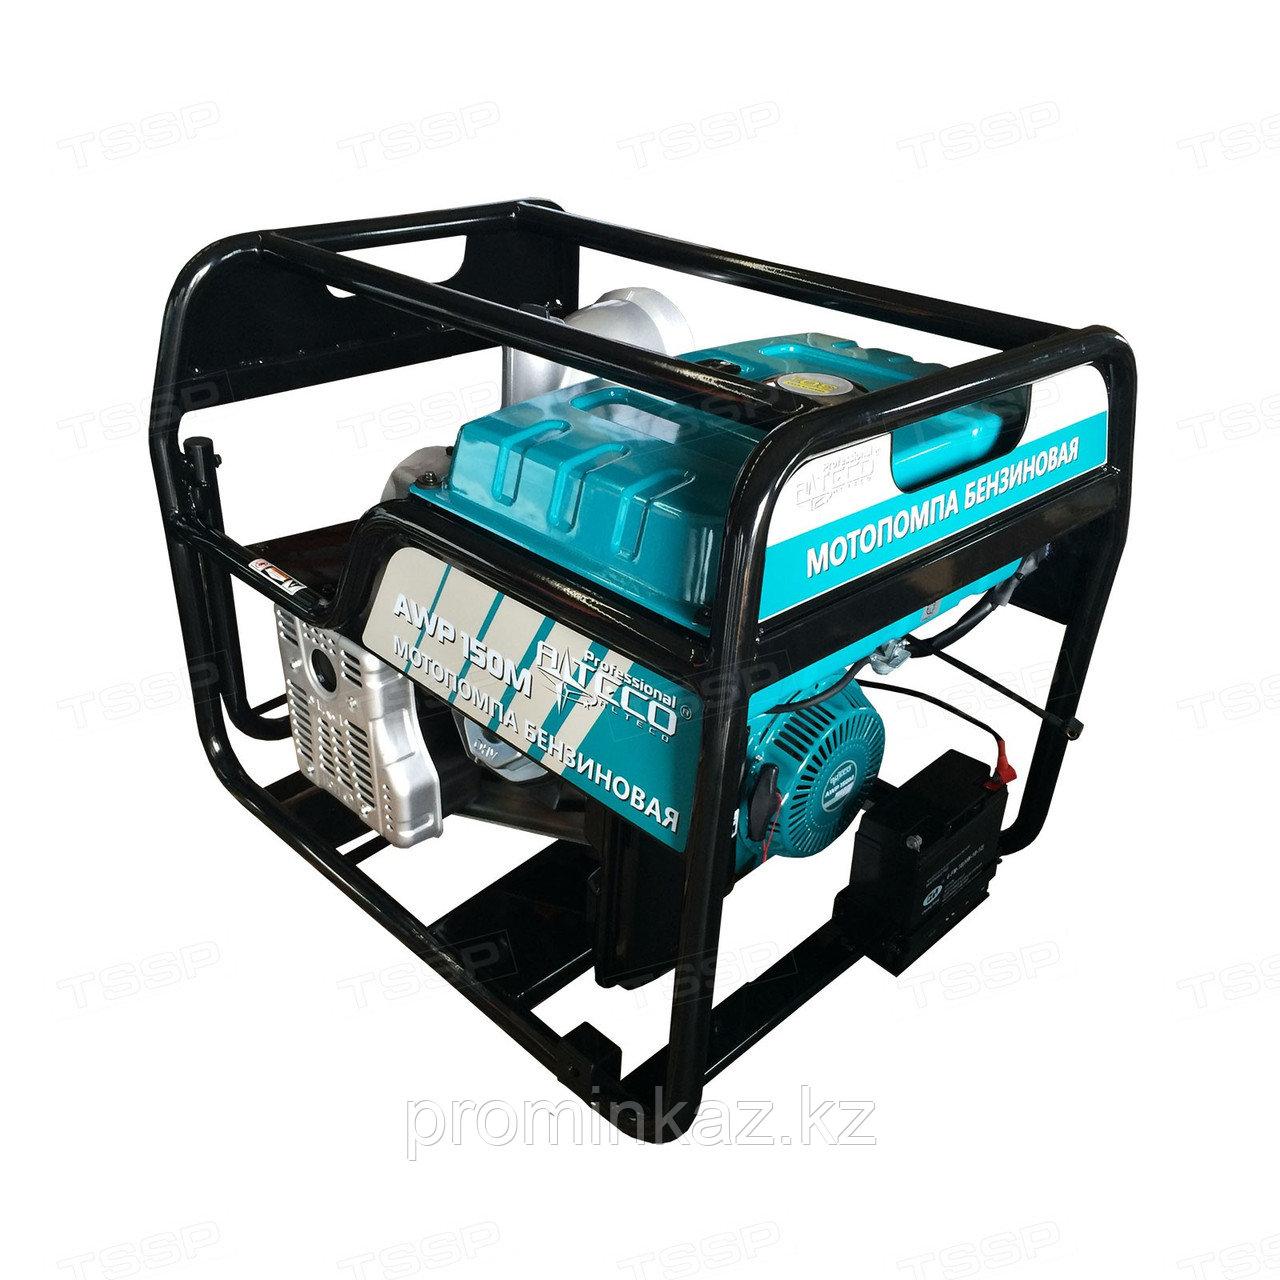 Мотопомпа бензиновая ALTECO  AWP150M, 125 куб.м/ч. сильнозагрязненная вода